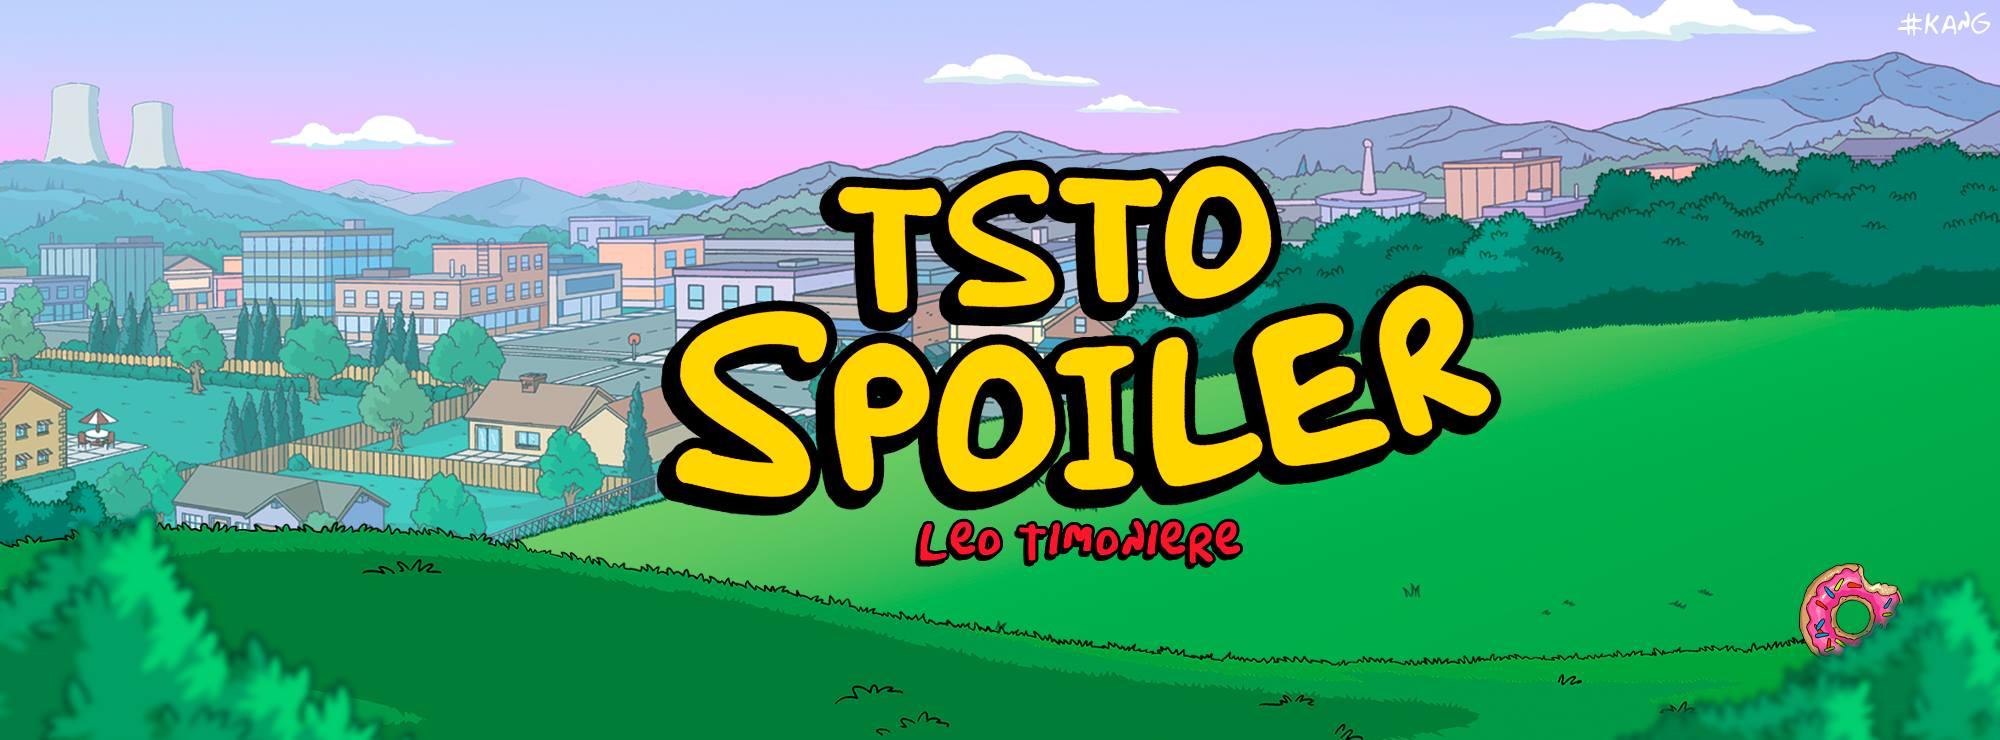 TstoSpoilerLT Banner.jpg